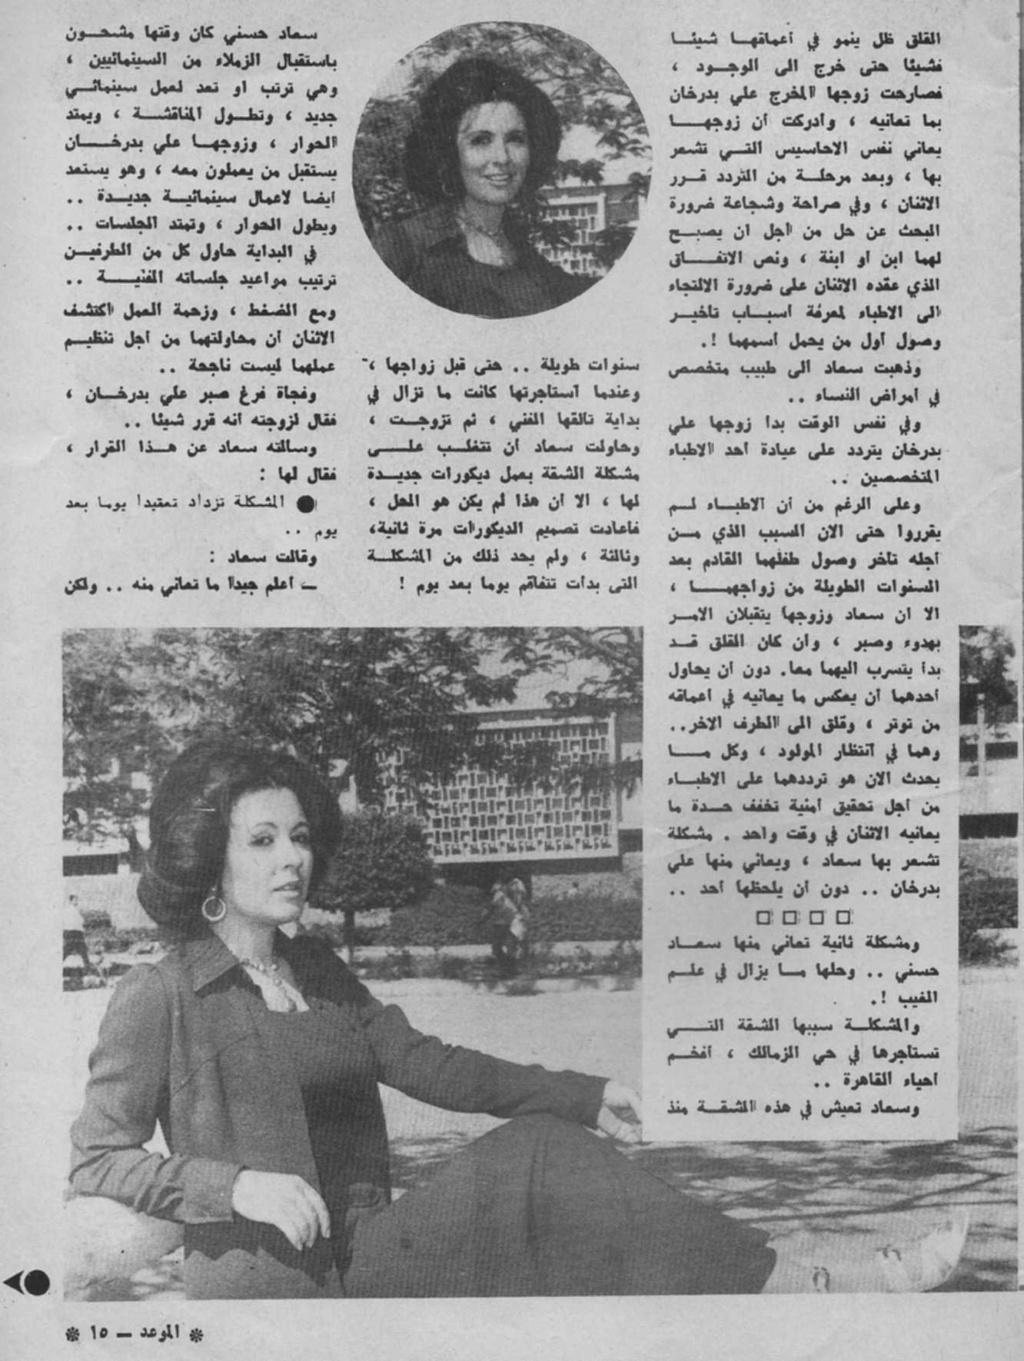 مقال صحفي : 3 مشاكل تؤرق سعاد حسني 1976 م 299